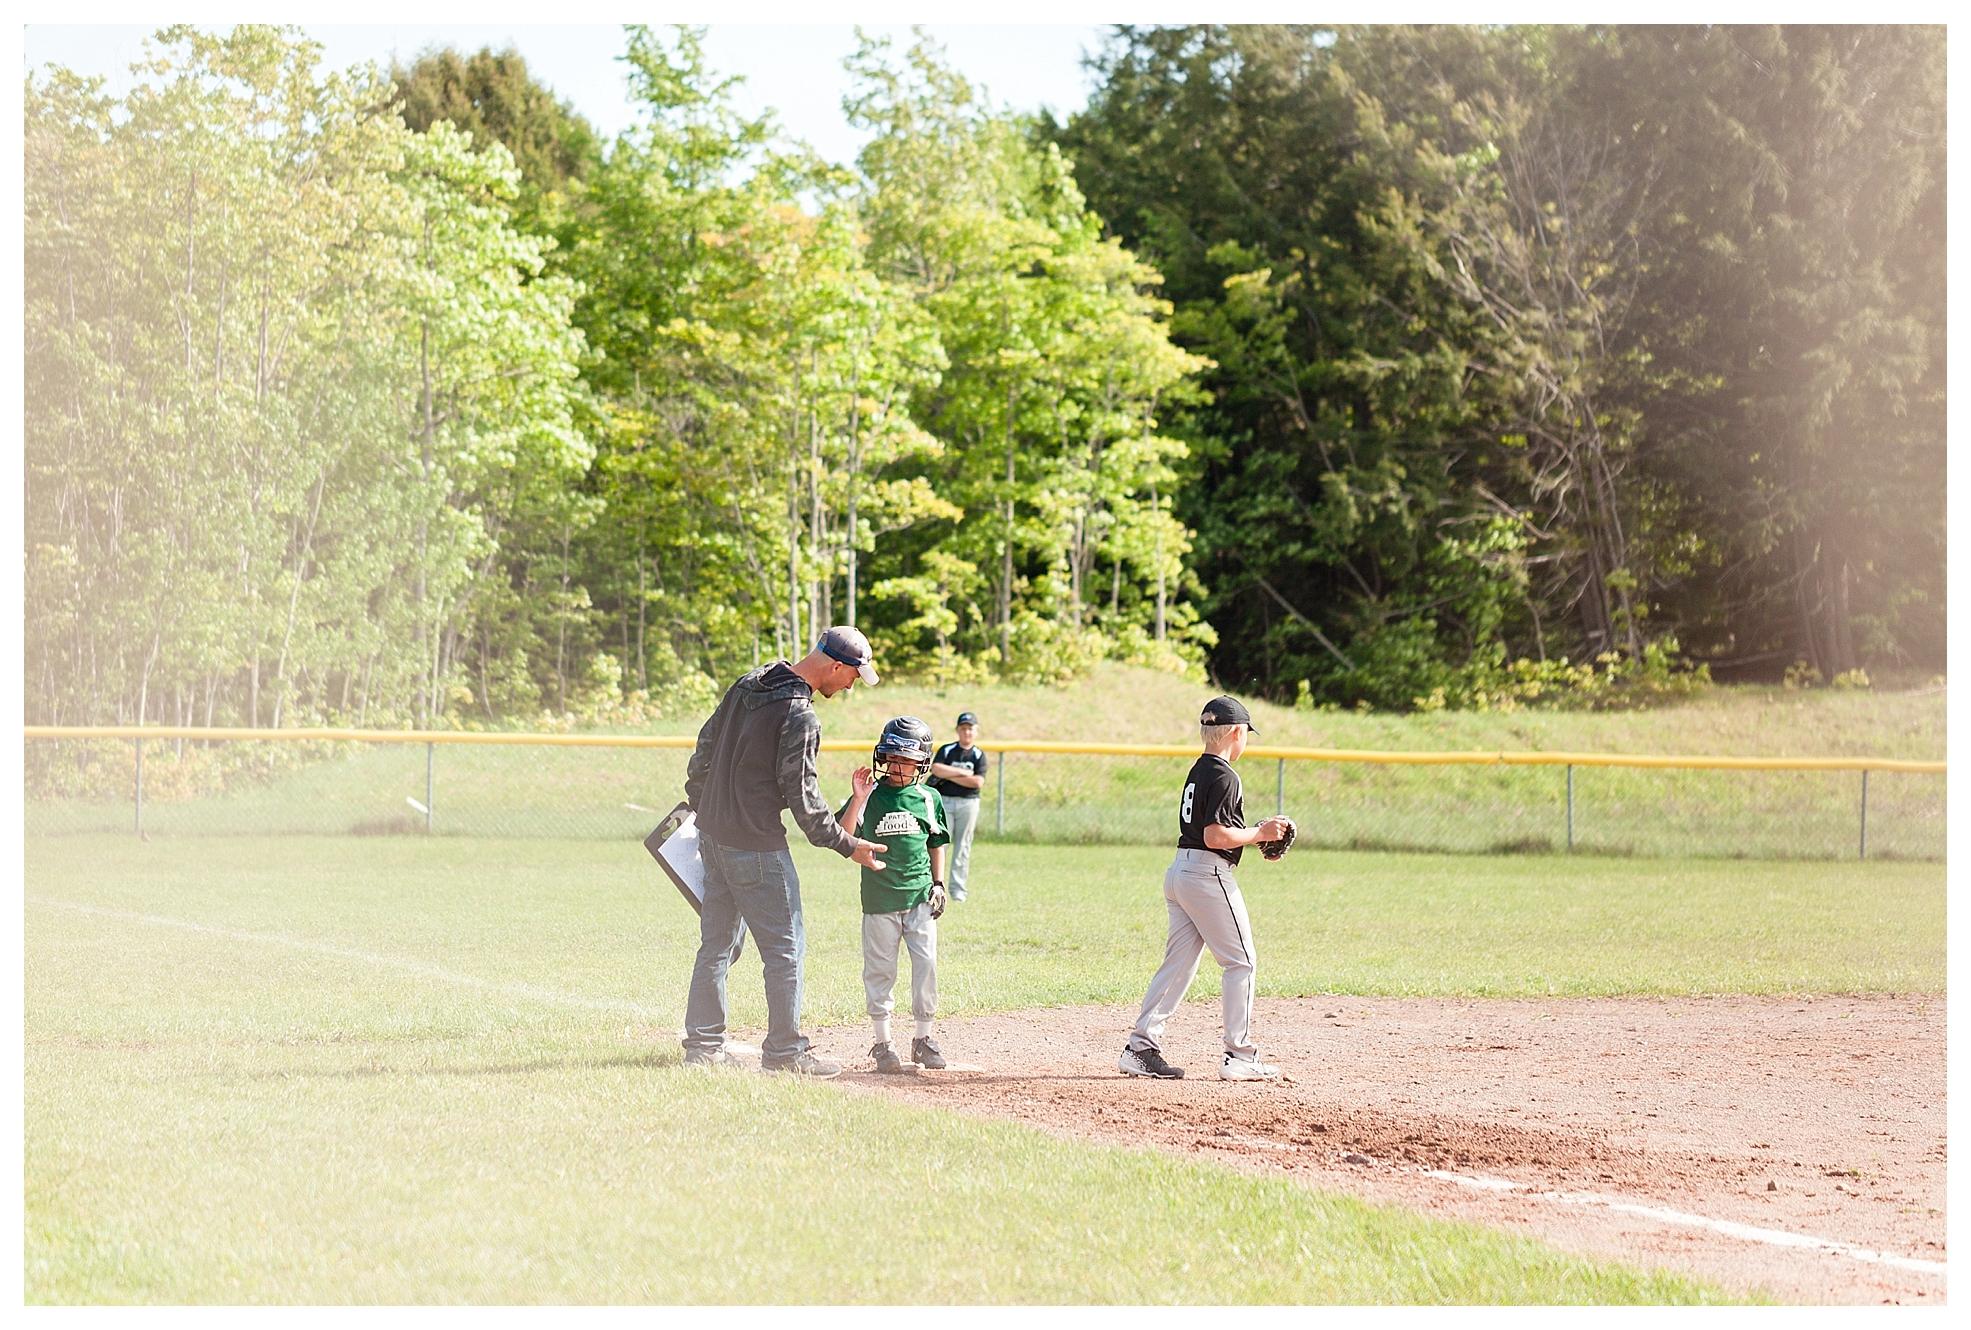 Portage Lake Little League Baseball_0467.jpg